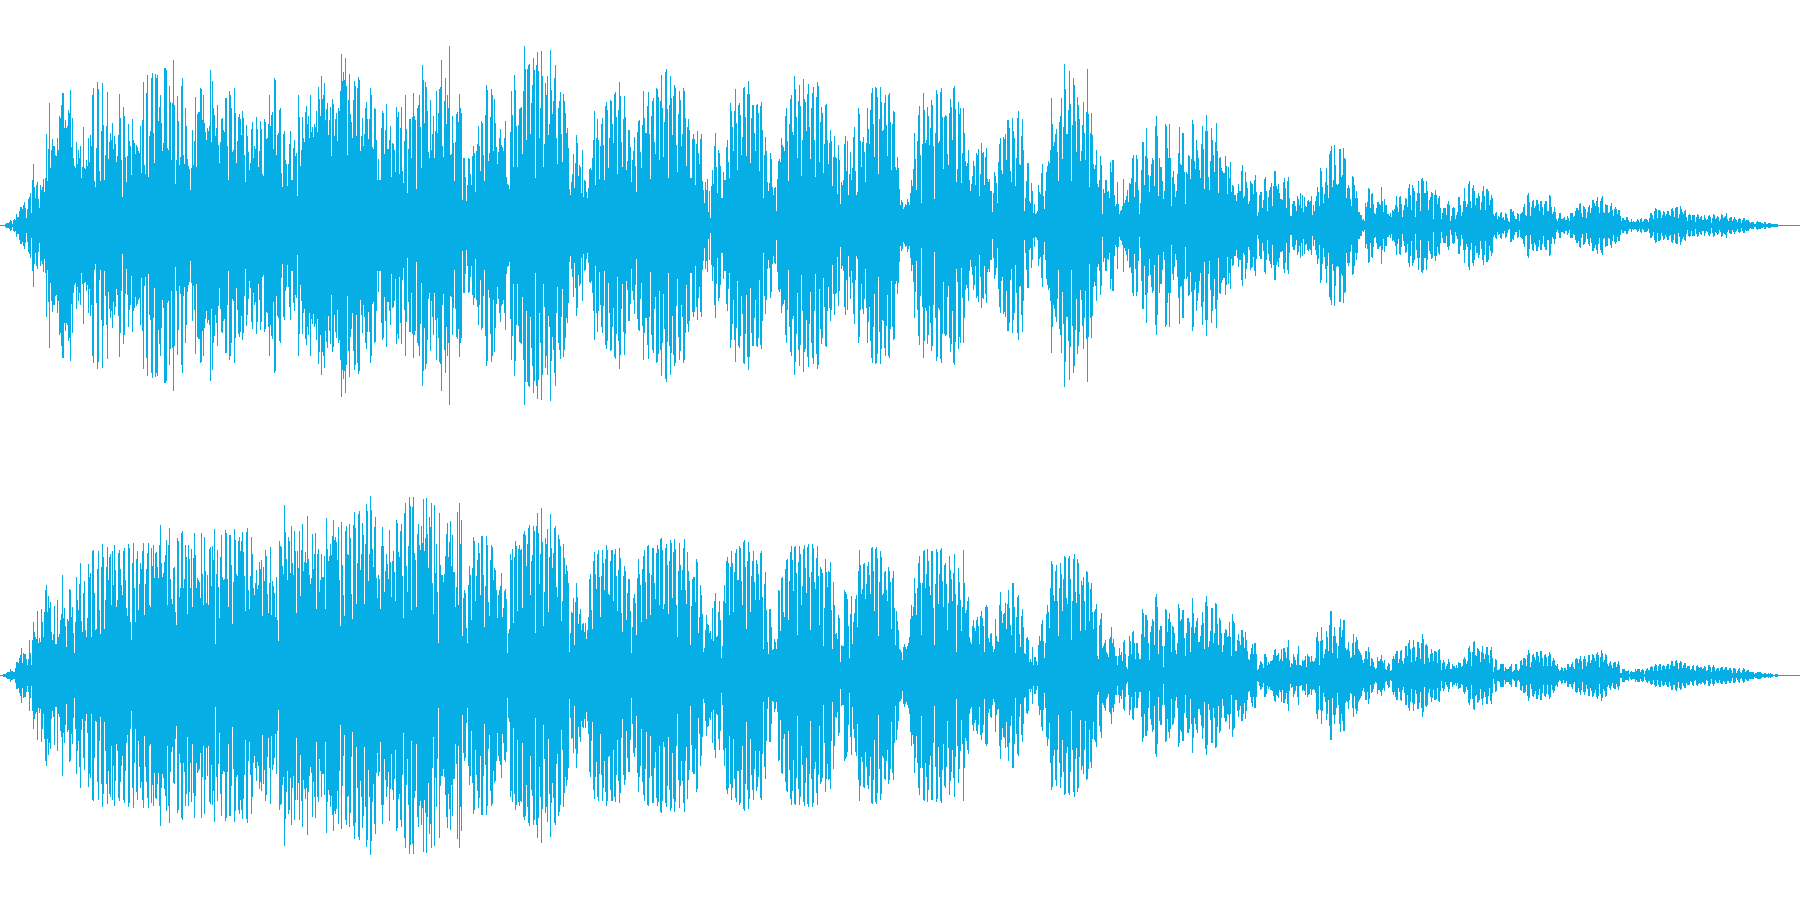 ふわふわ(低音の不気味な効果音)の再生済みの波形